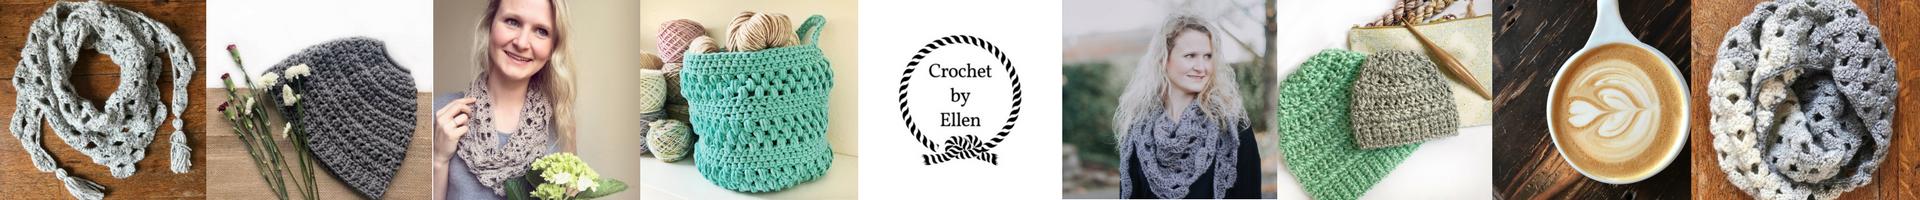 Crochet By Ellen